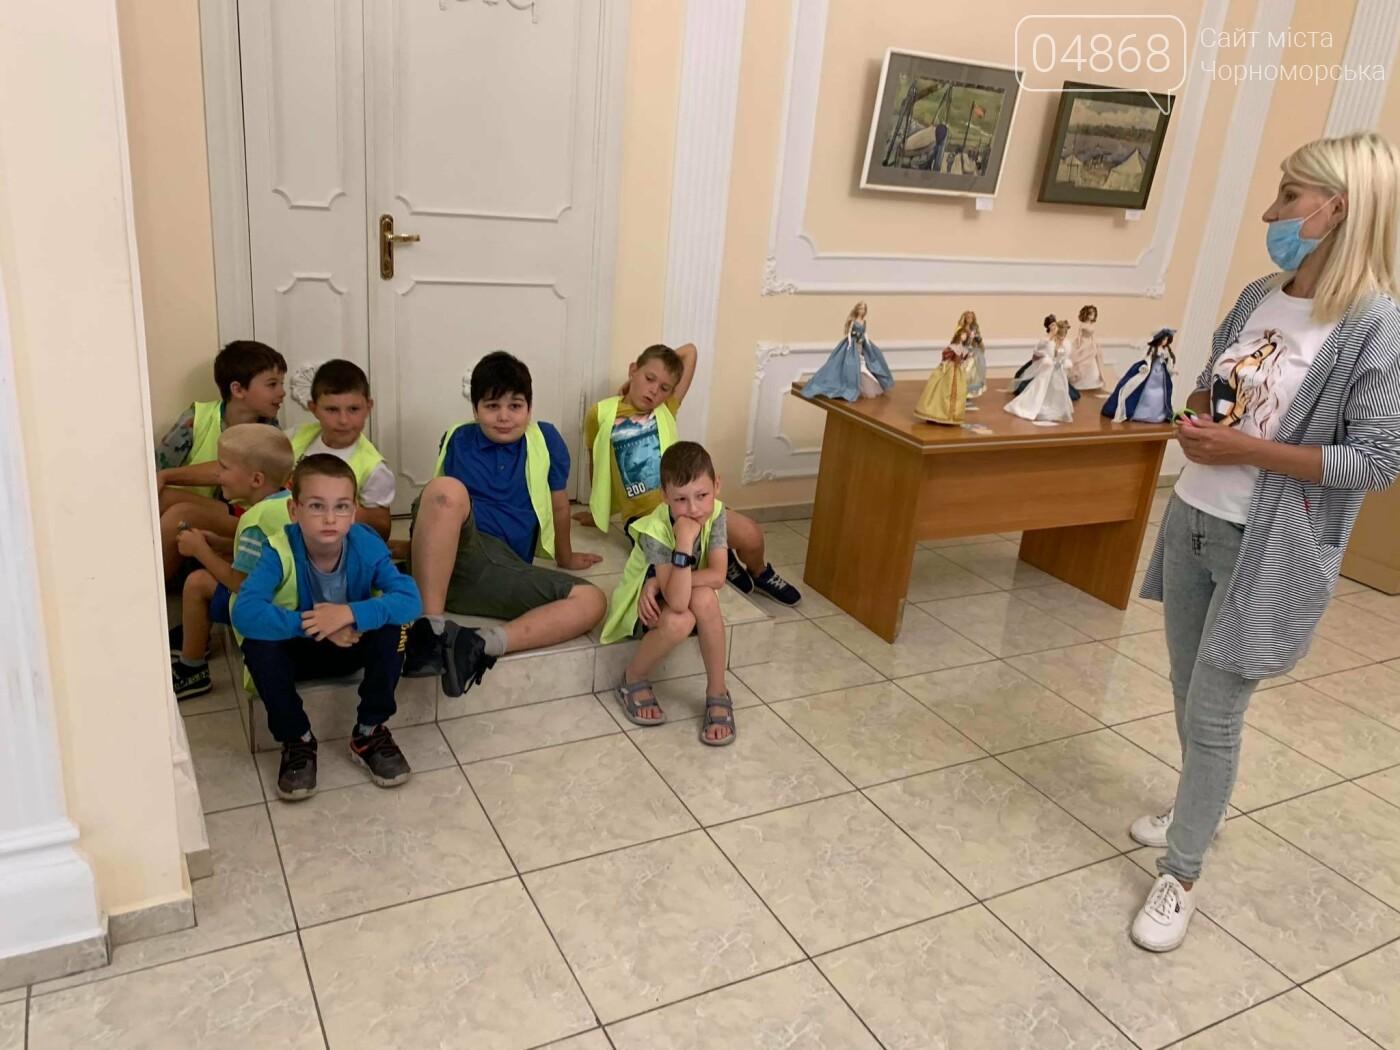 Как будто живые: в Черноморске проходит выставка фарфоровых кукол (видео), фото-40